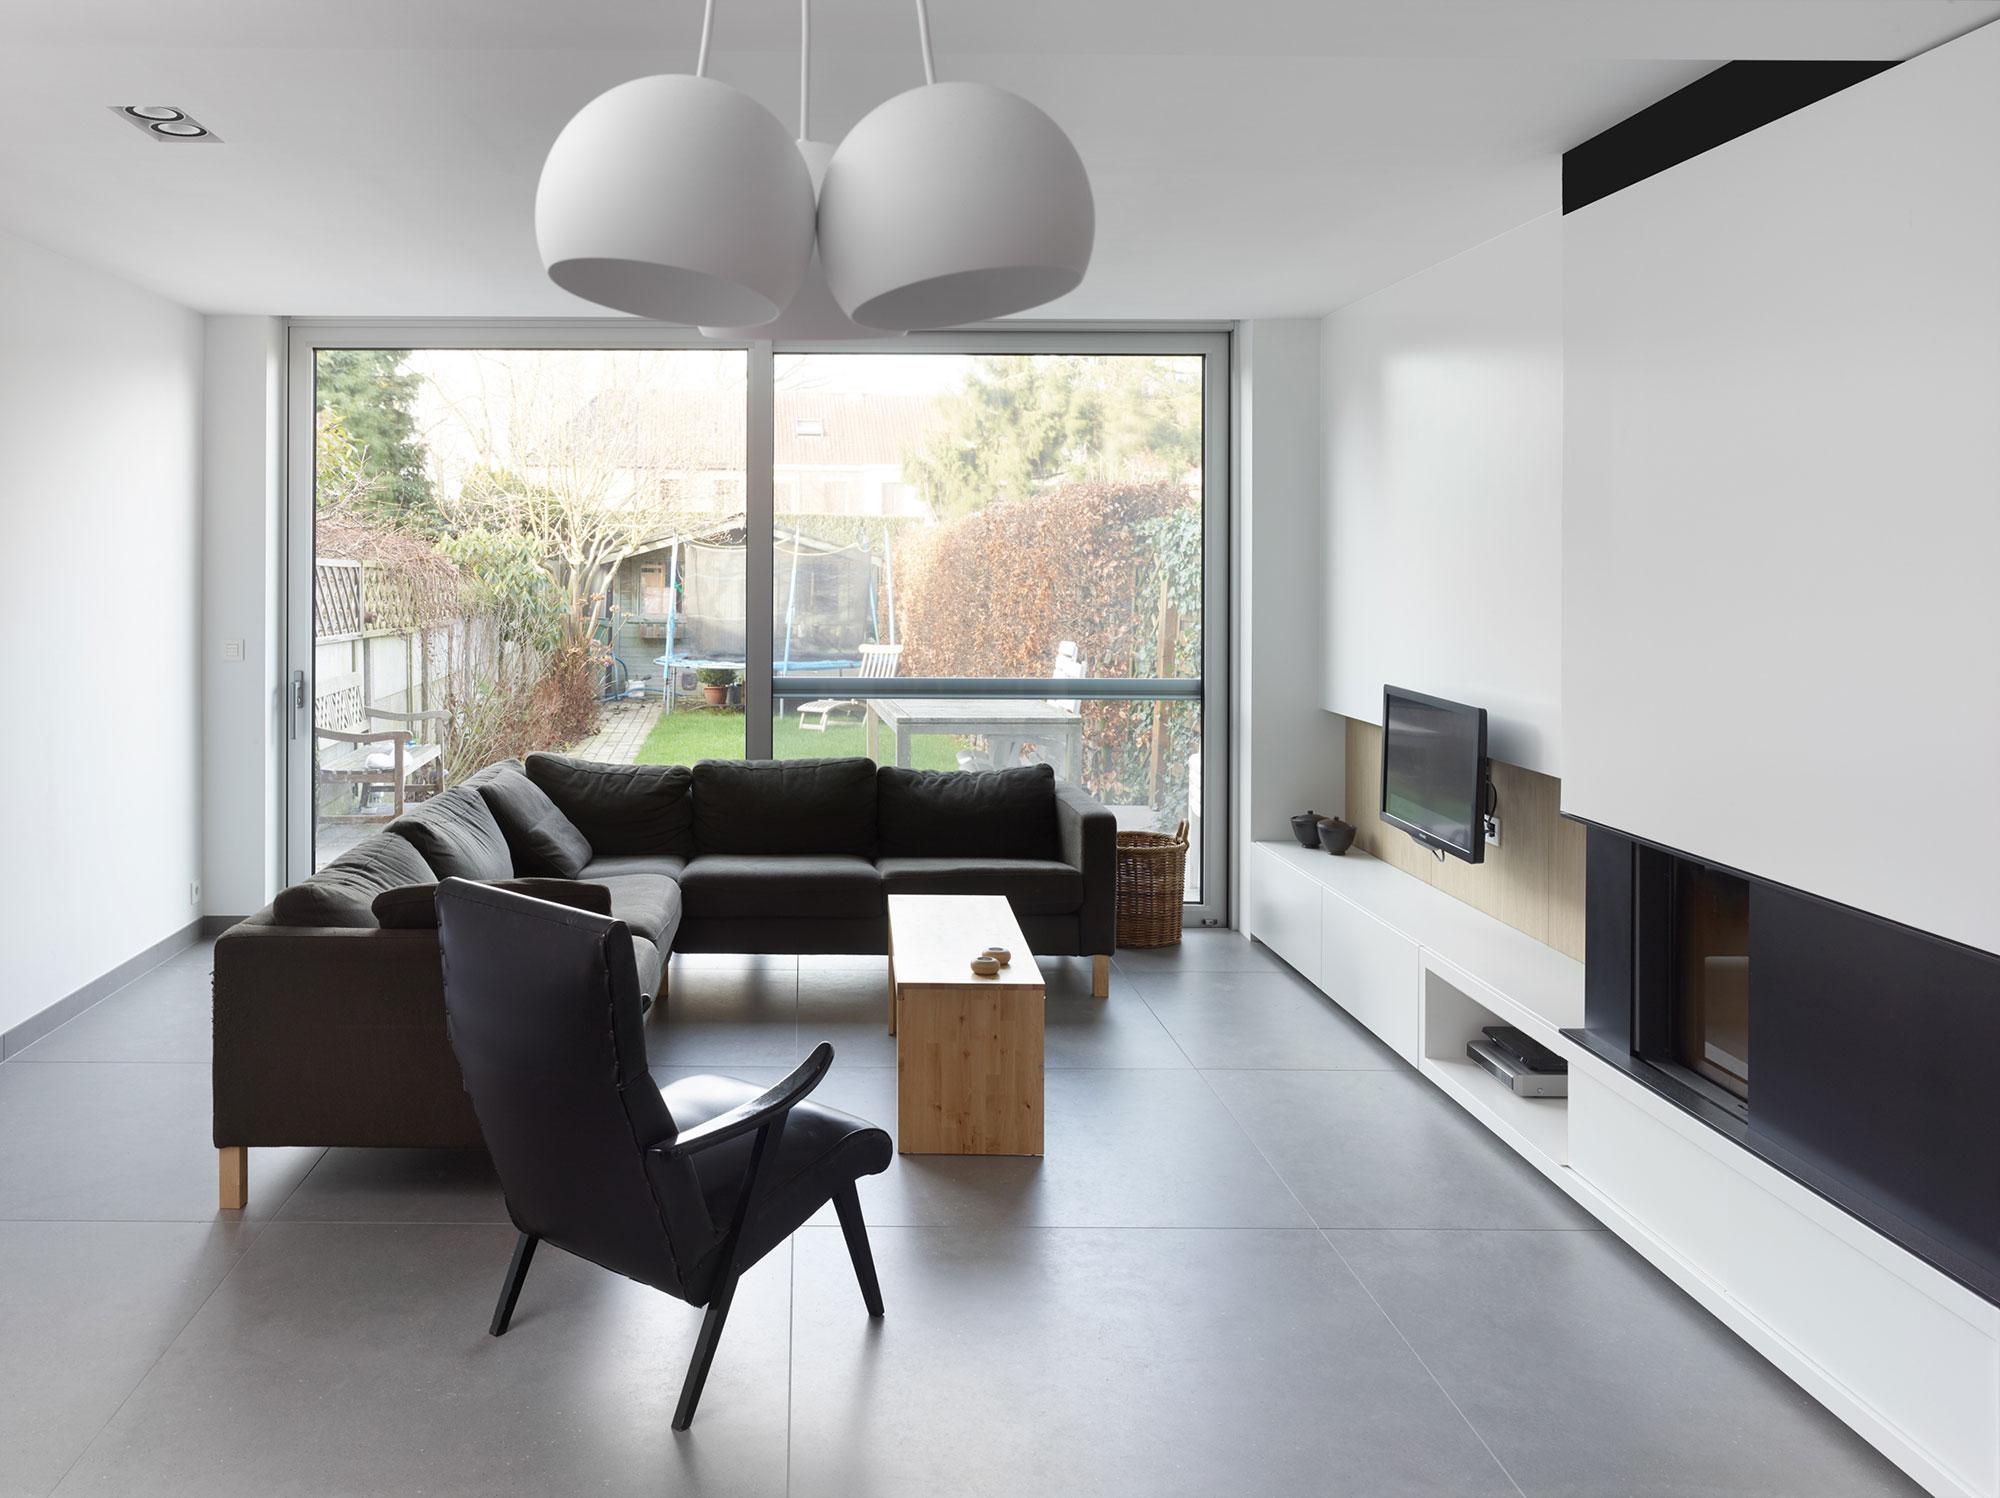 Woning D. L. Interieur Living